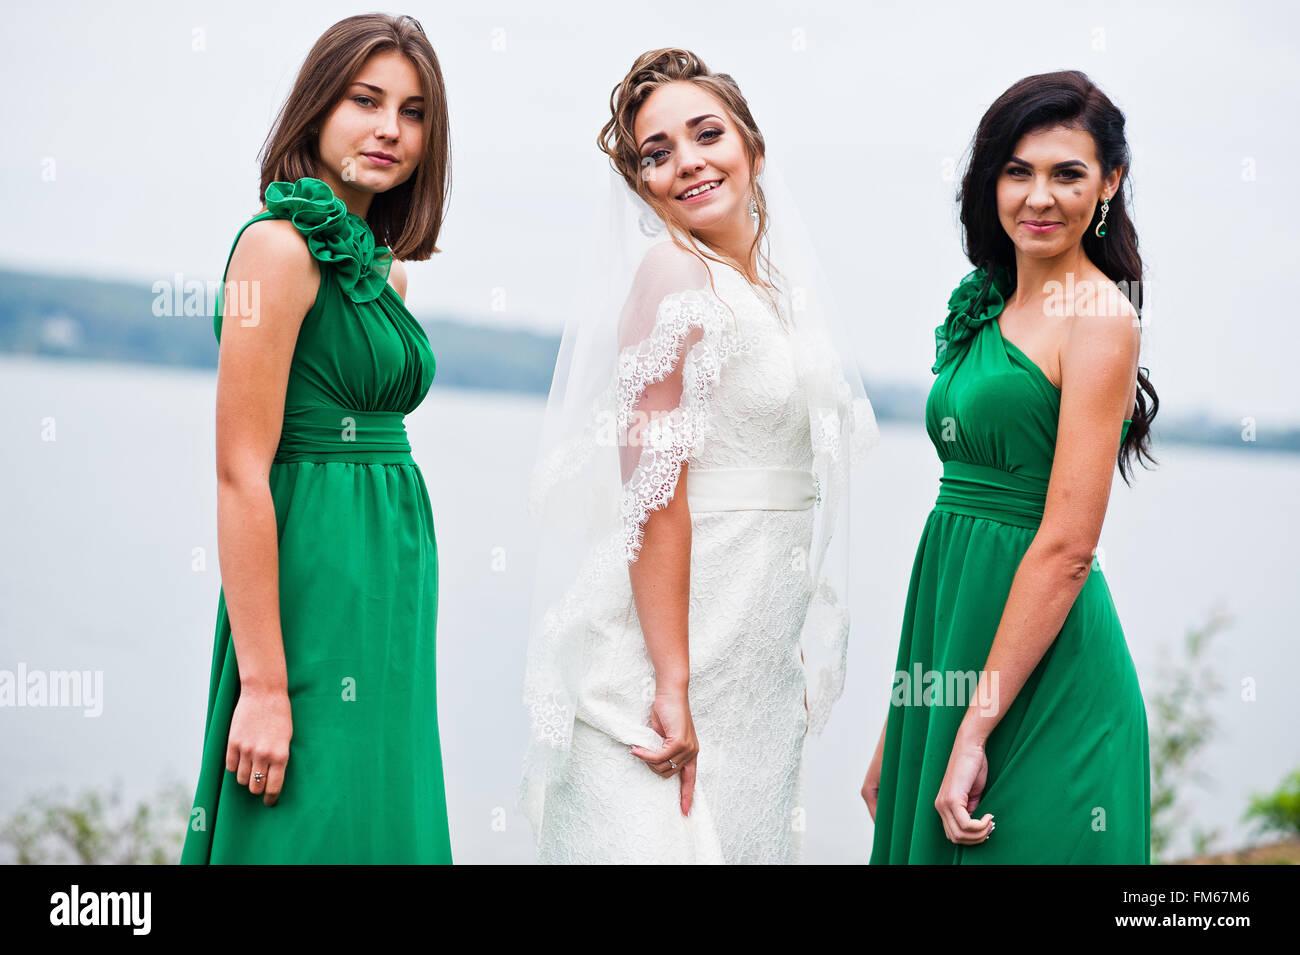 Schön Grünes Kleid Für Brautjungfer Fotos - Brautkleider Ideen ...